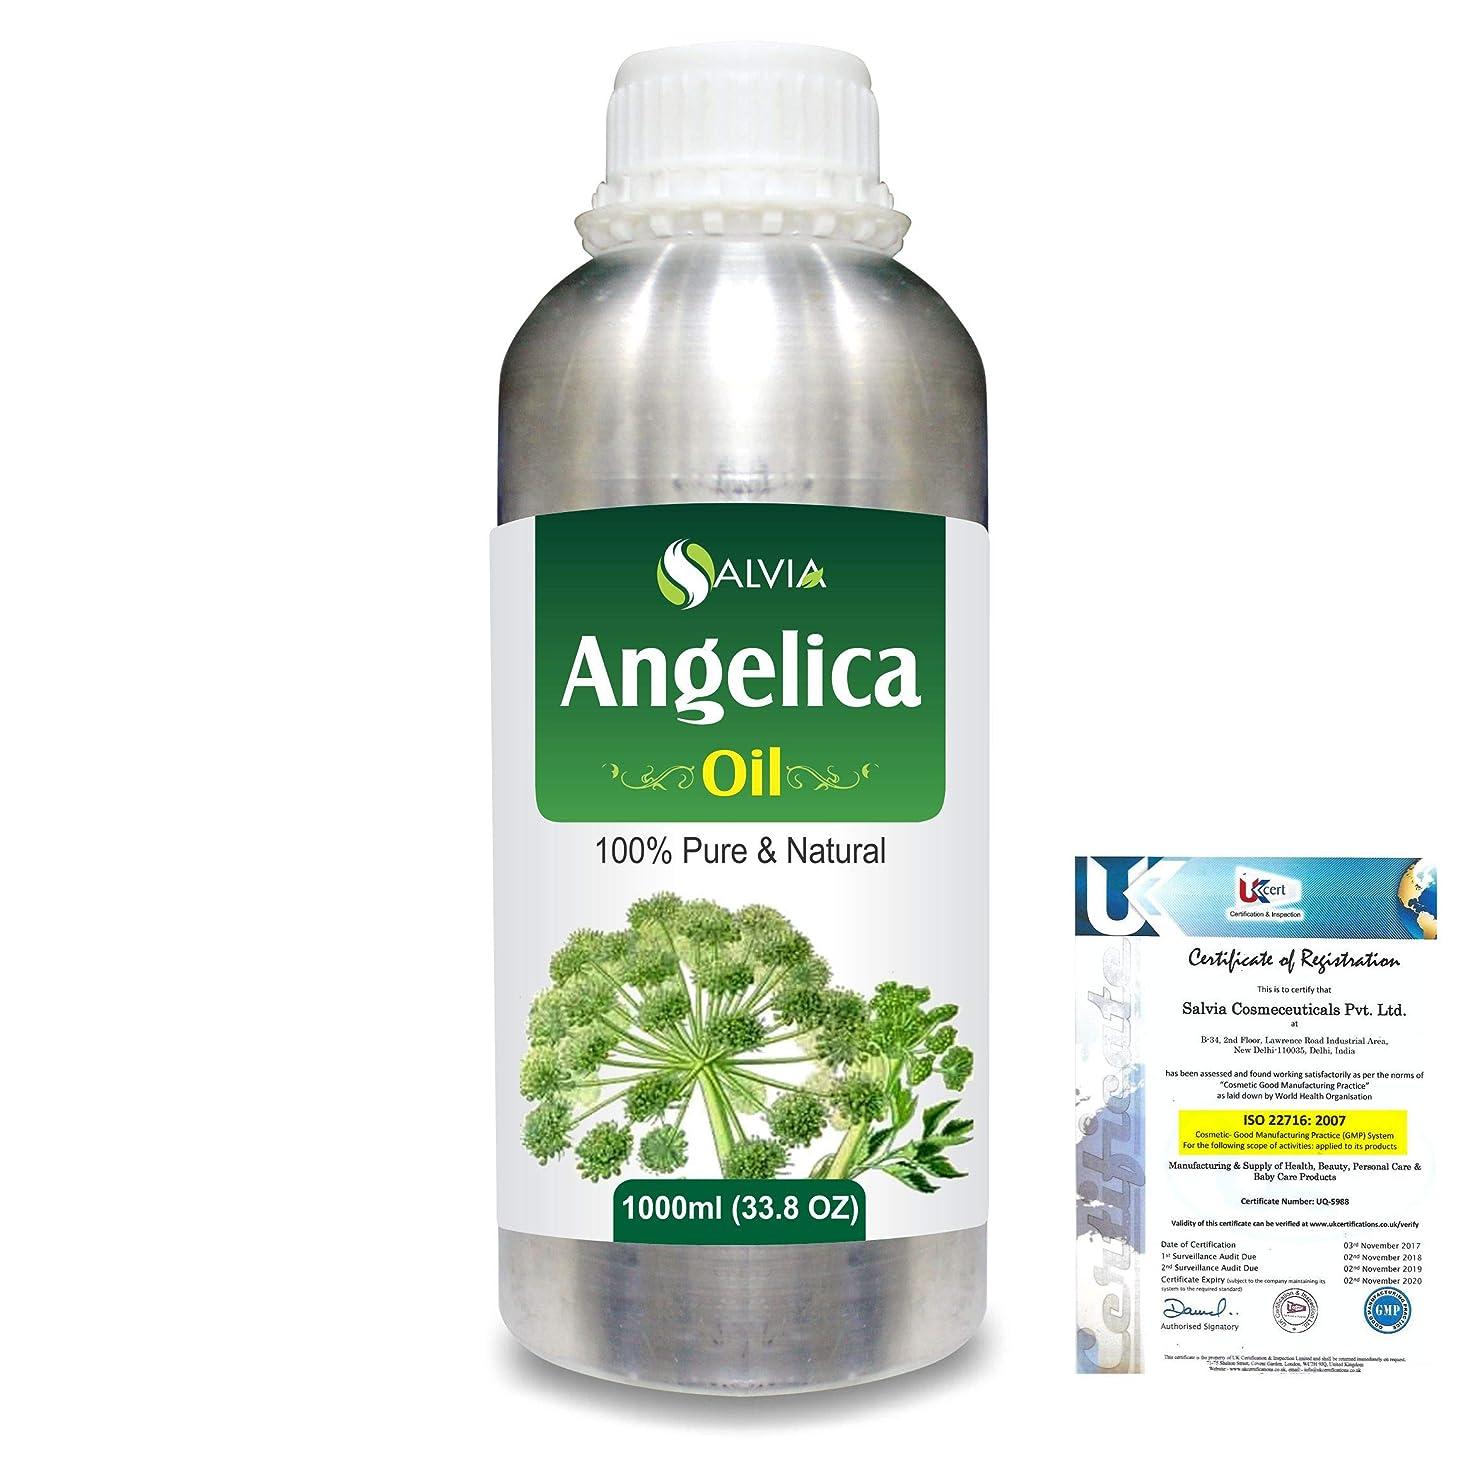 強盗カイウス論理的にAngelica (Angelica archangelica) 100% Natural Pure Essential Oil 1000ml/33.8fl.oz.